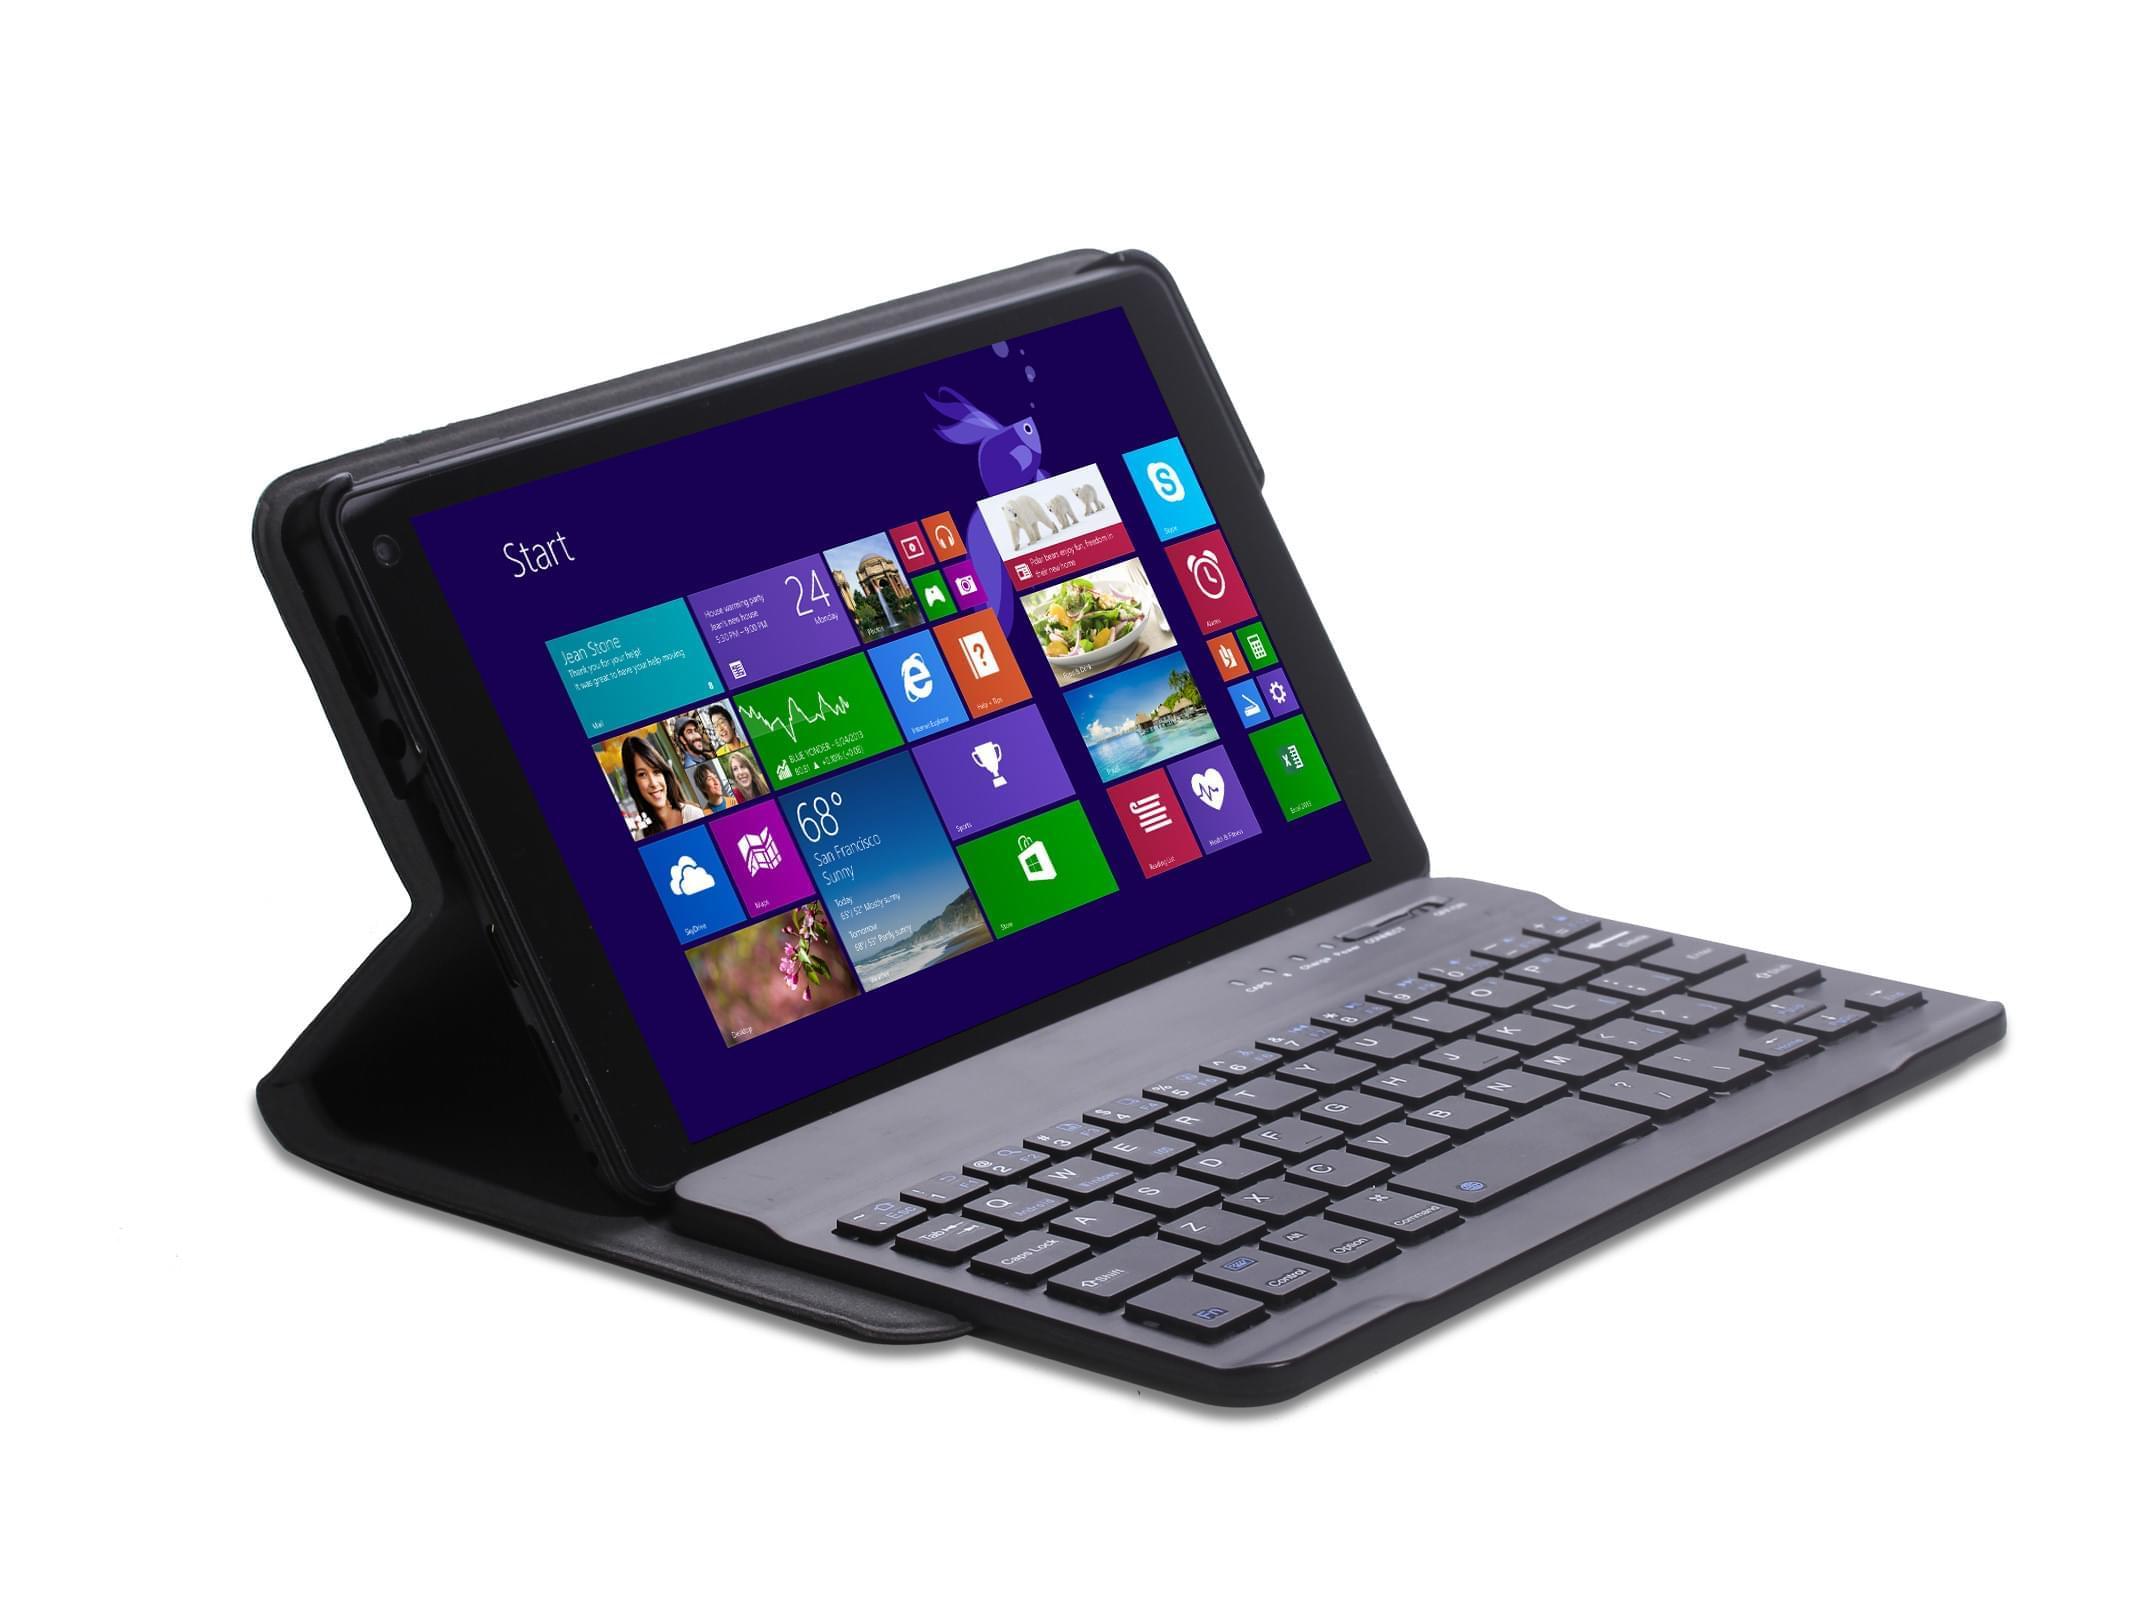 DUST DU-i8080BK Dock clav. (DU-i8080BK **) - Achat / Vente Tablette Tactile sur Cybertek.fr - 0